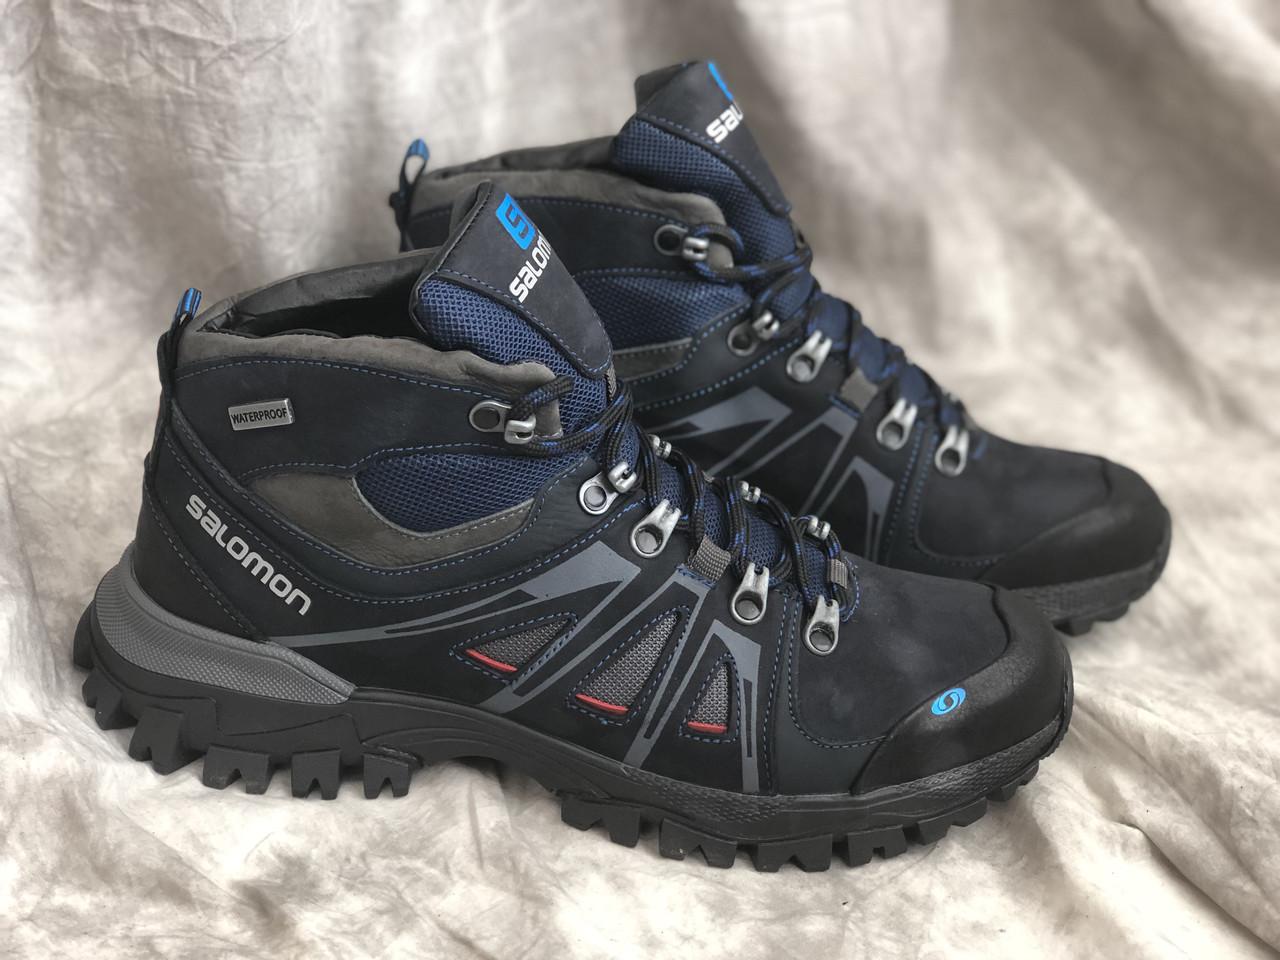 Зимние ботинки Кожаные S 1 син Mans sport размеры 40,41,42,43